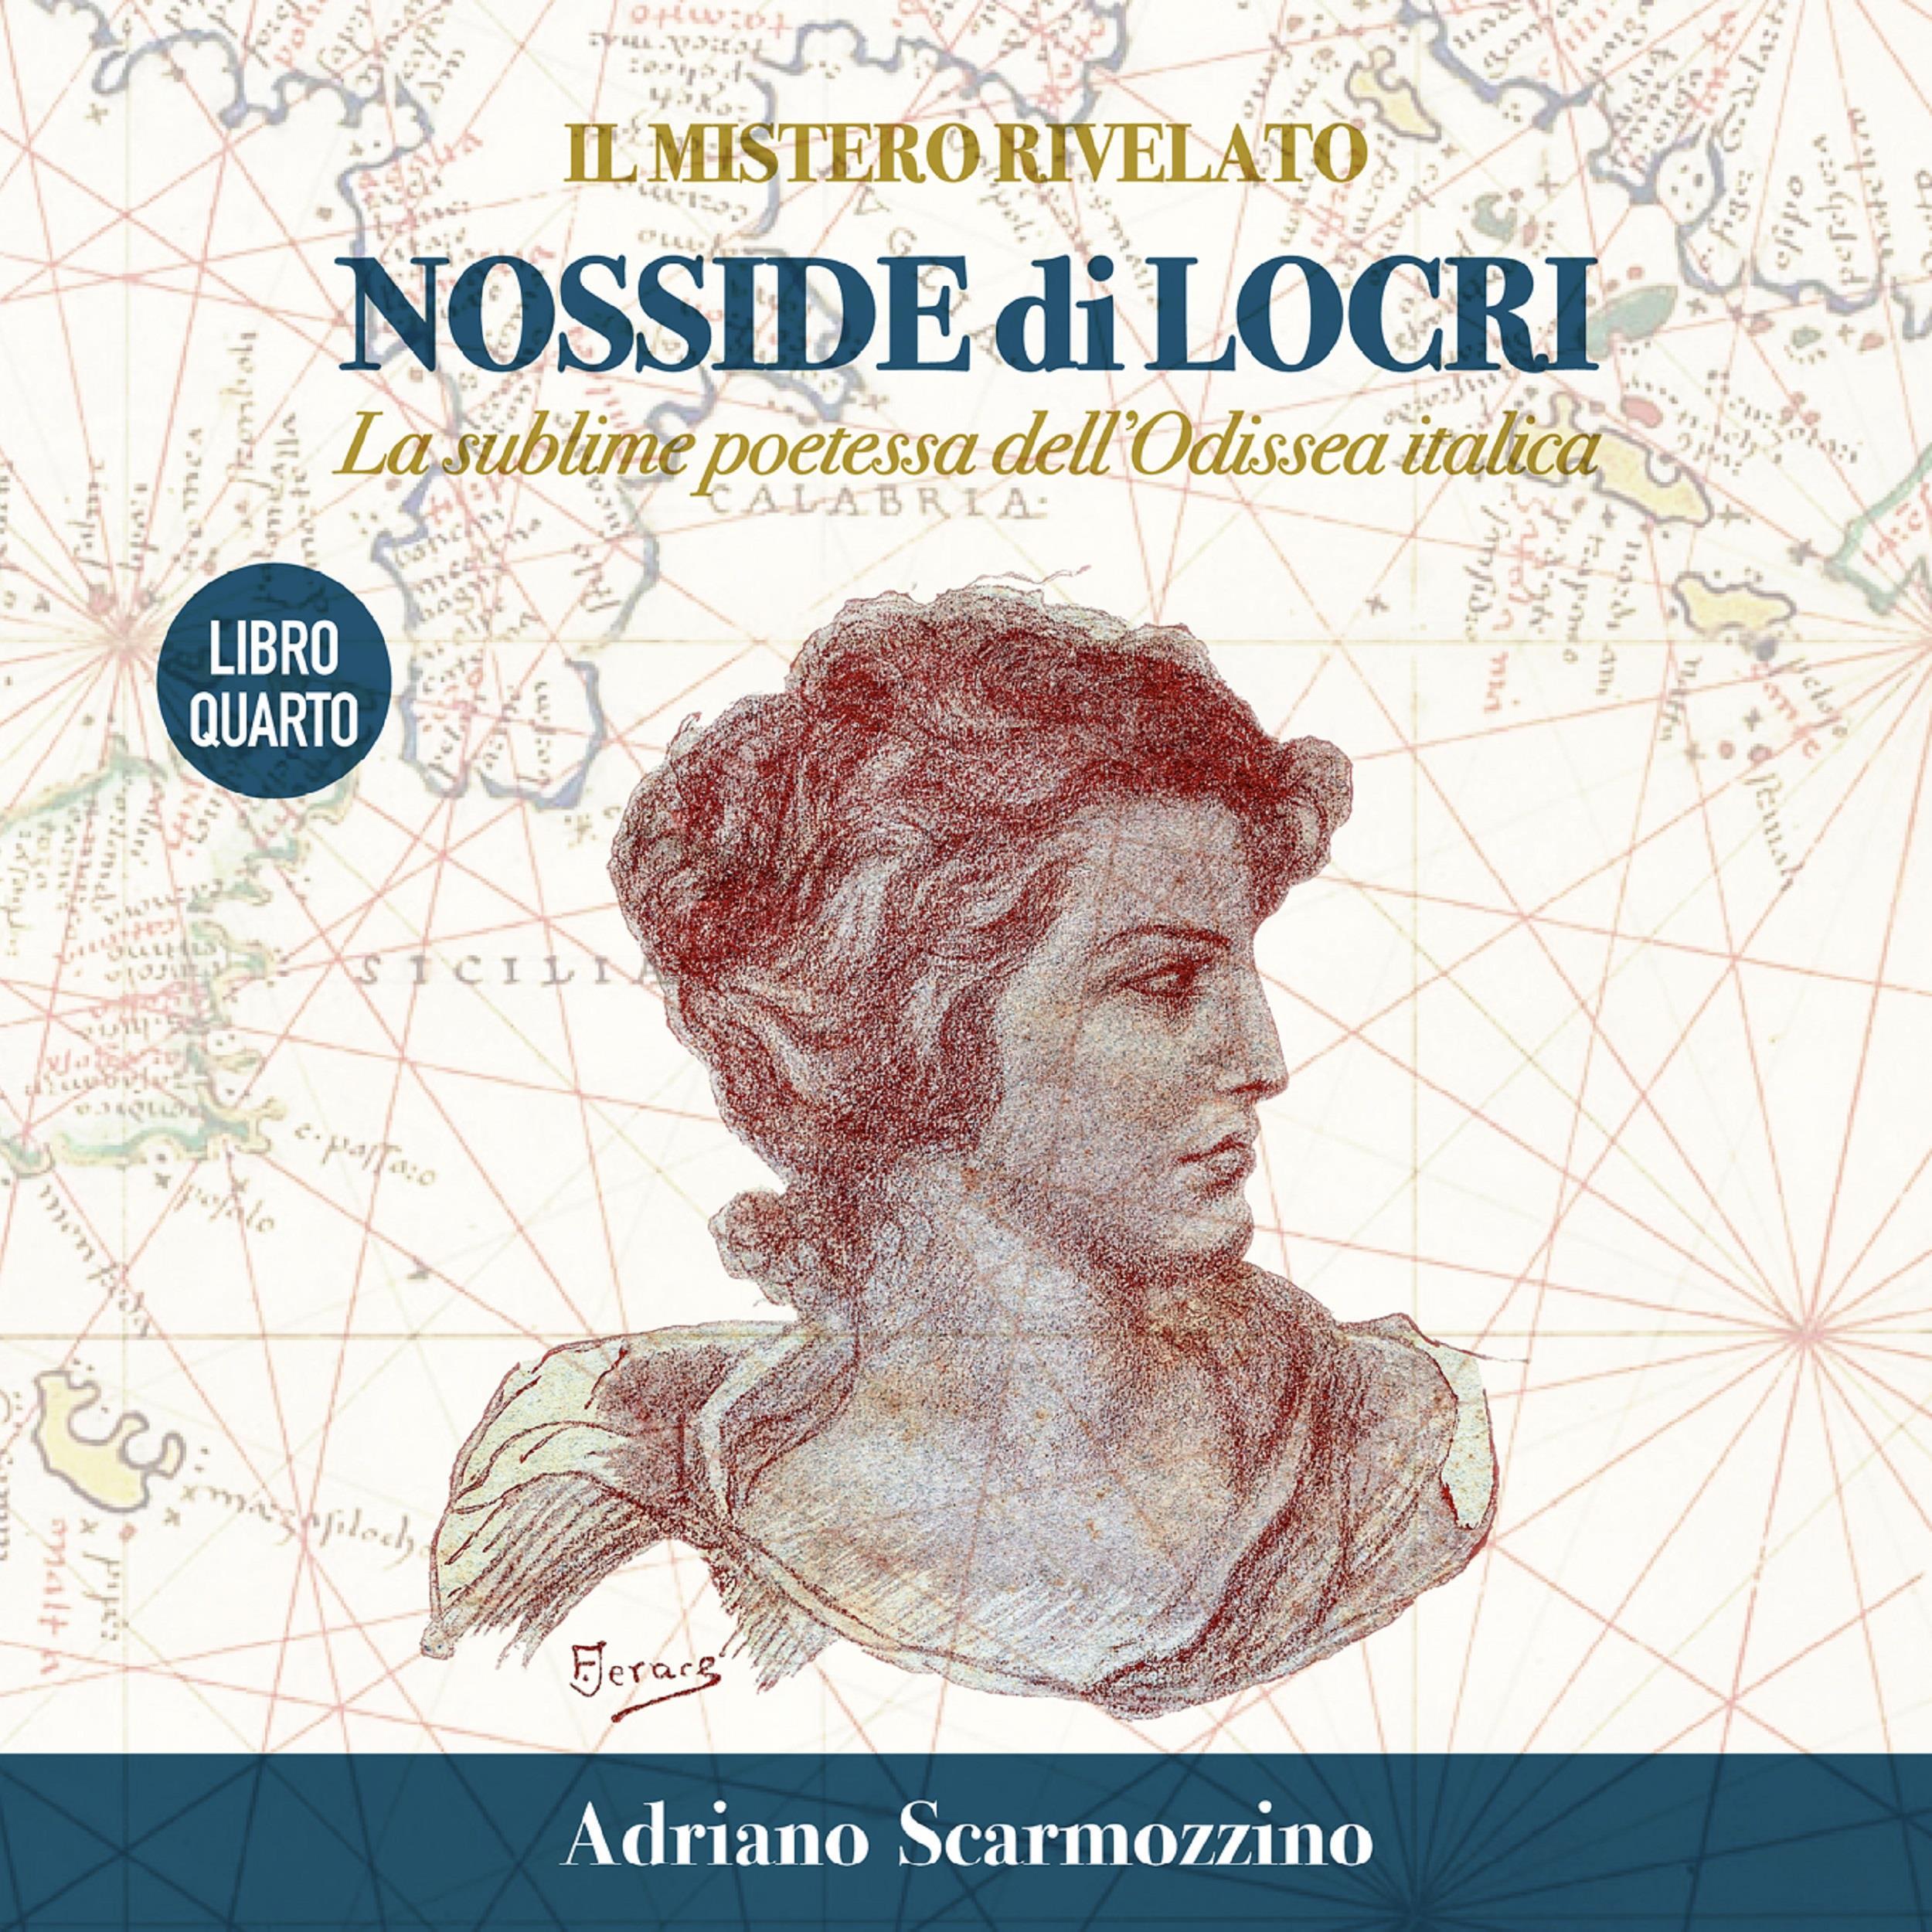 Il mistero rivelato - Nosside di Locri, la sublime poetessa dell'Odissea italica - Libro Quarto